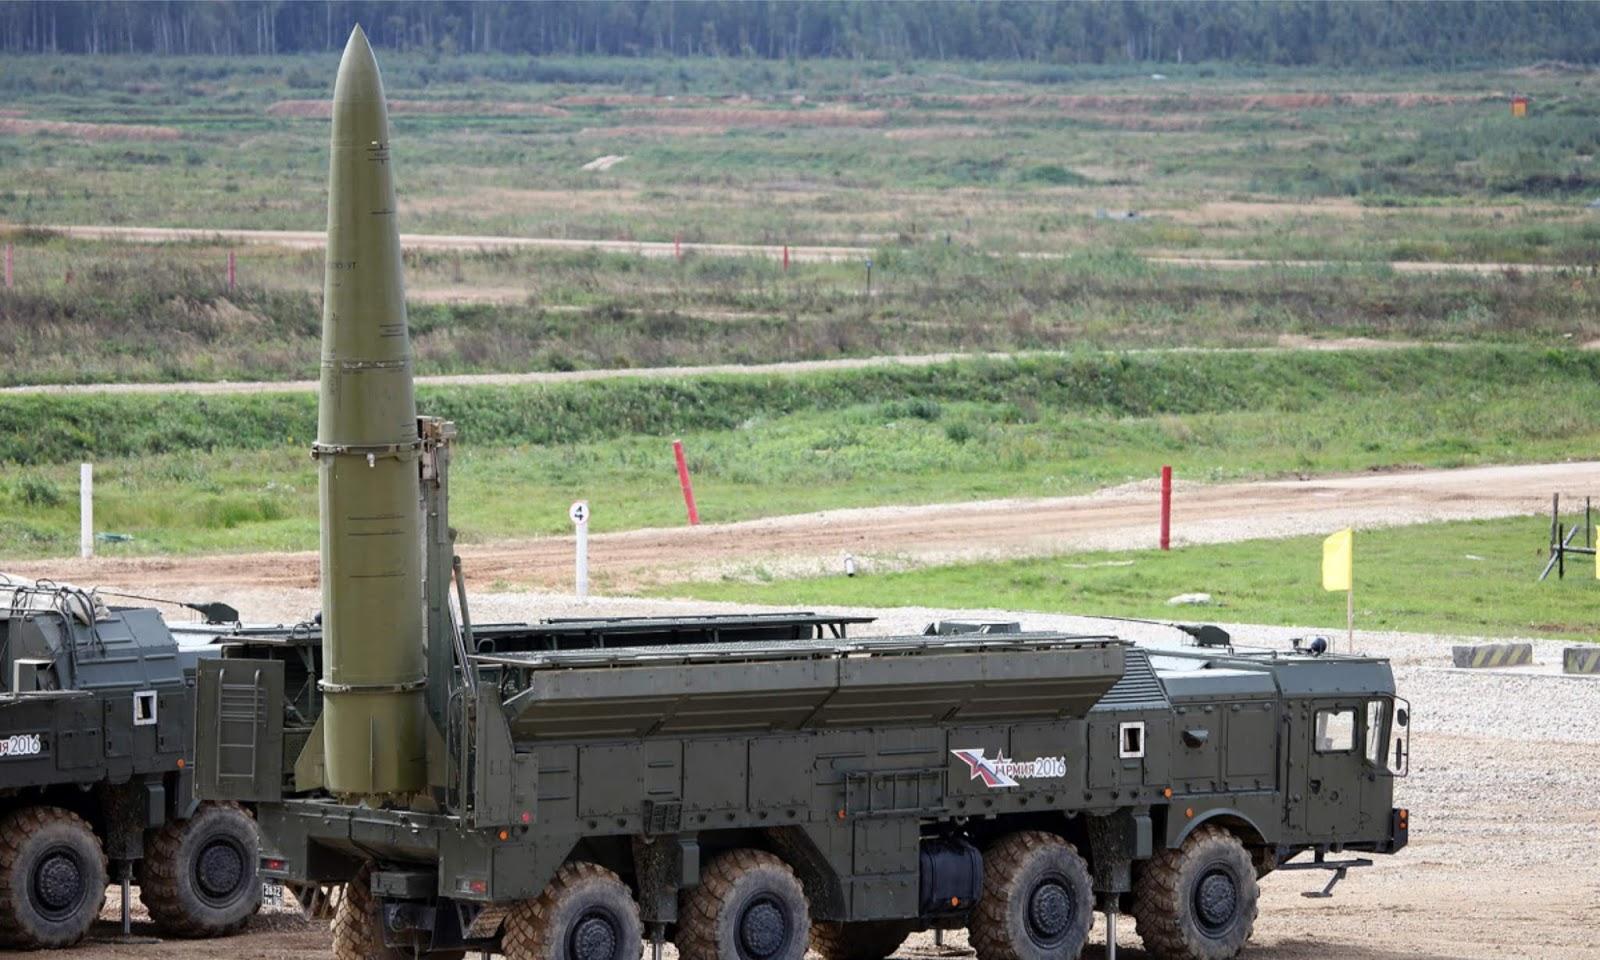 Usulan Dewan Federasi tentang senjata nuklir adalah sinyal untuk musuh